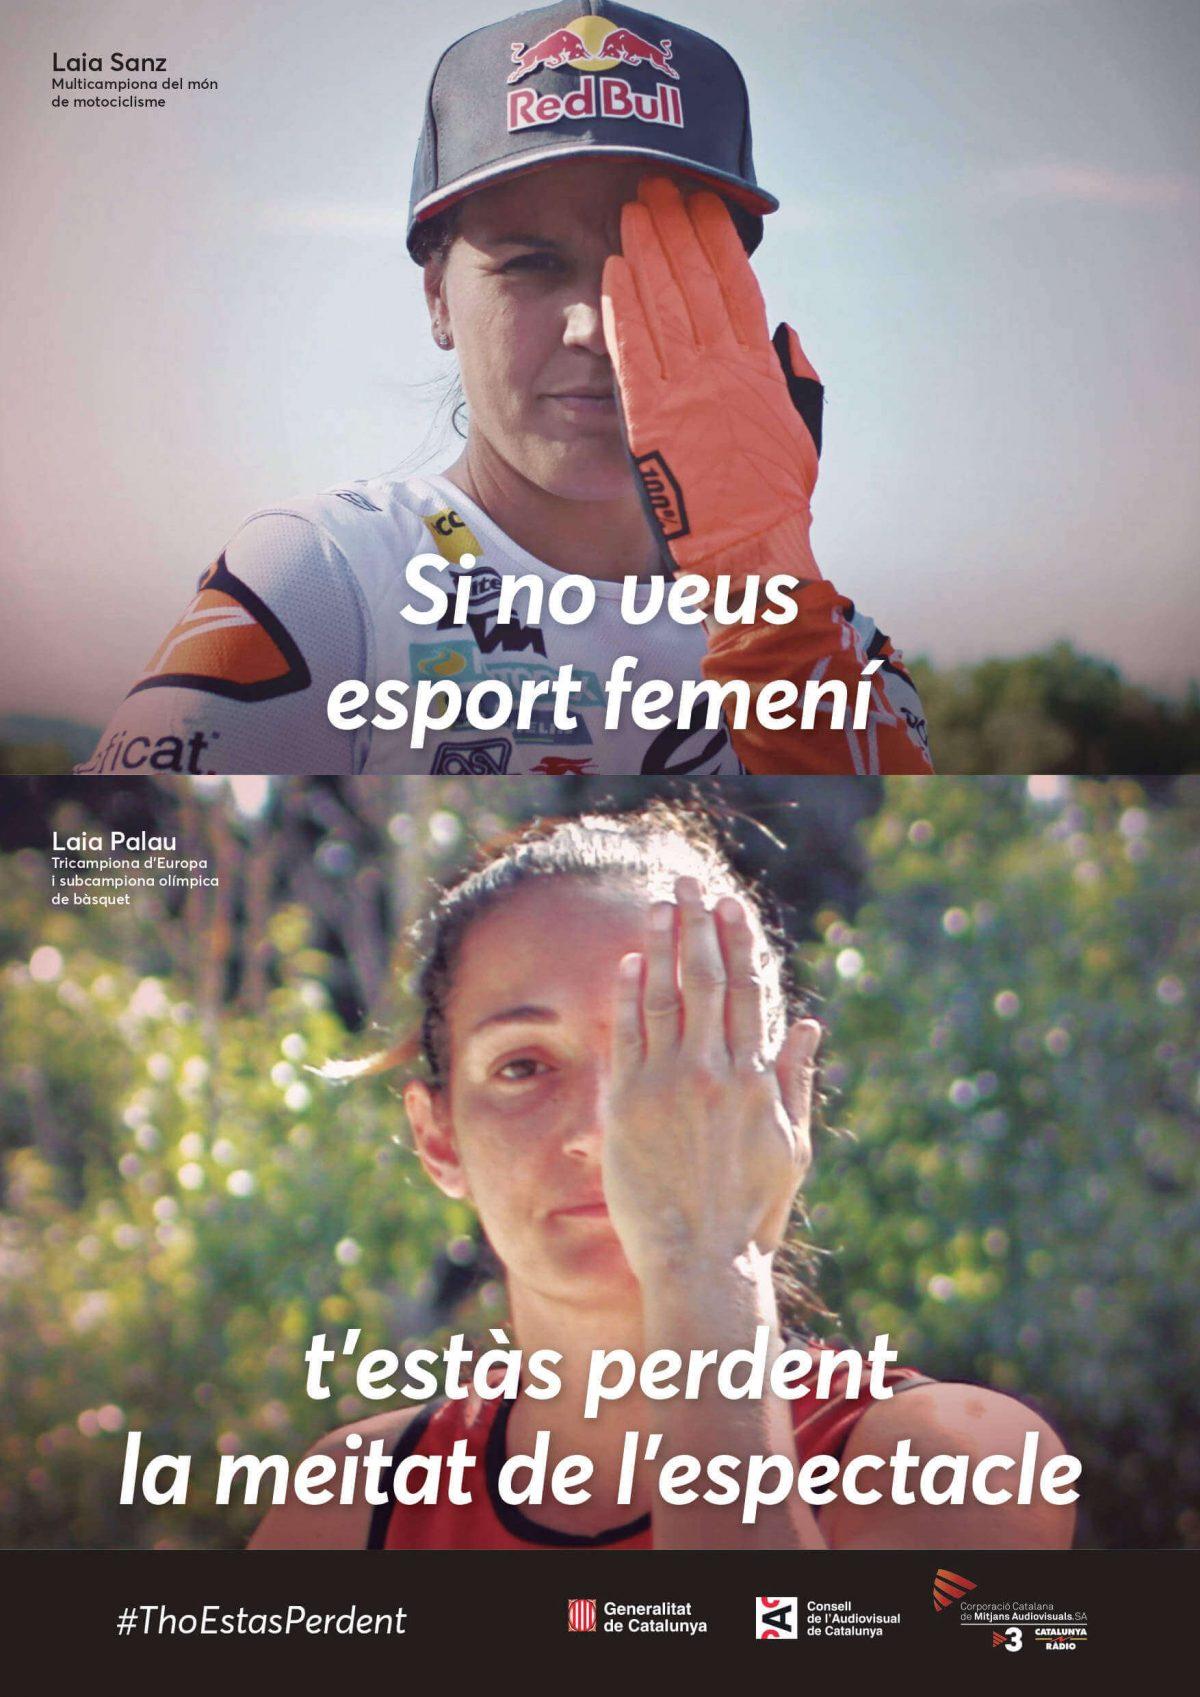 CICLE SUPERIOR S'ADHEREIX A LA CAMPANYA #ThoEstasPerdent